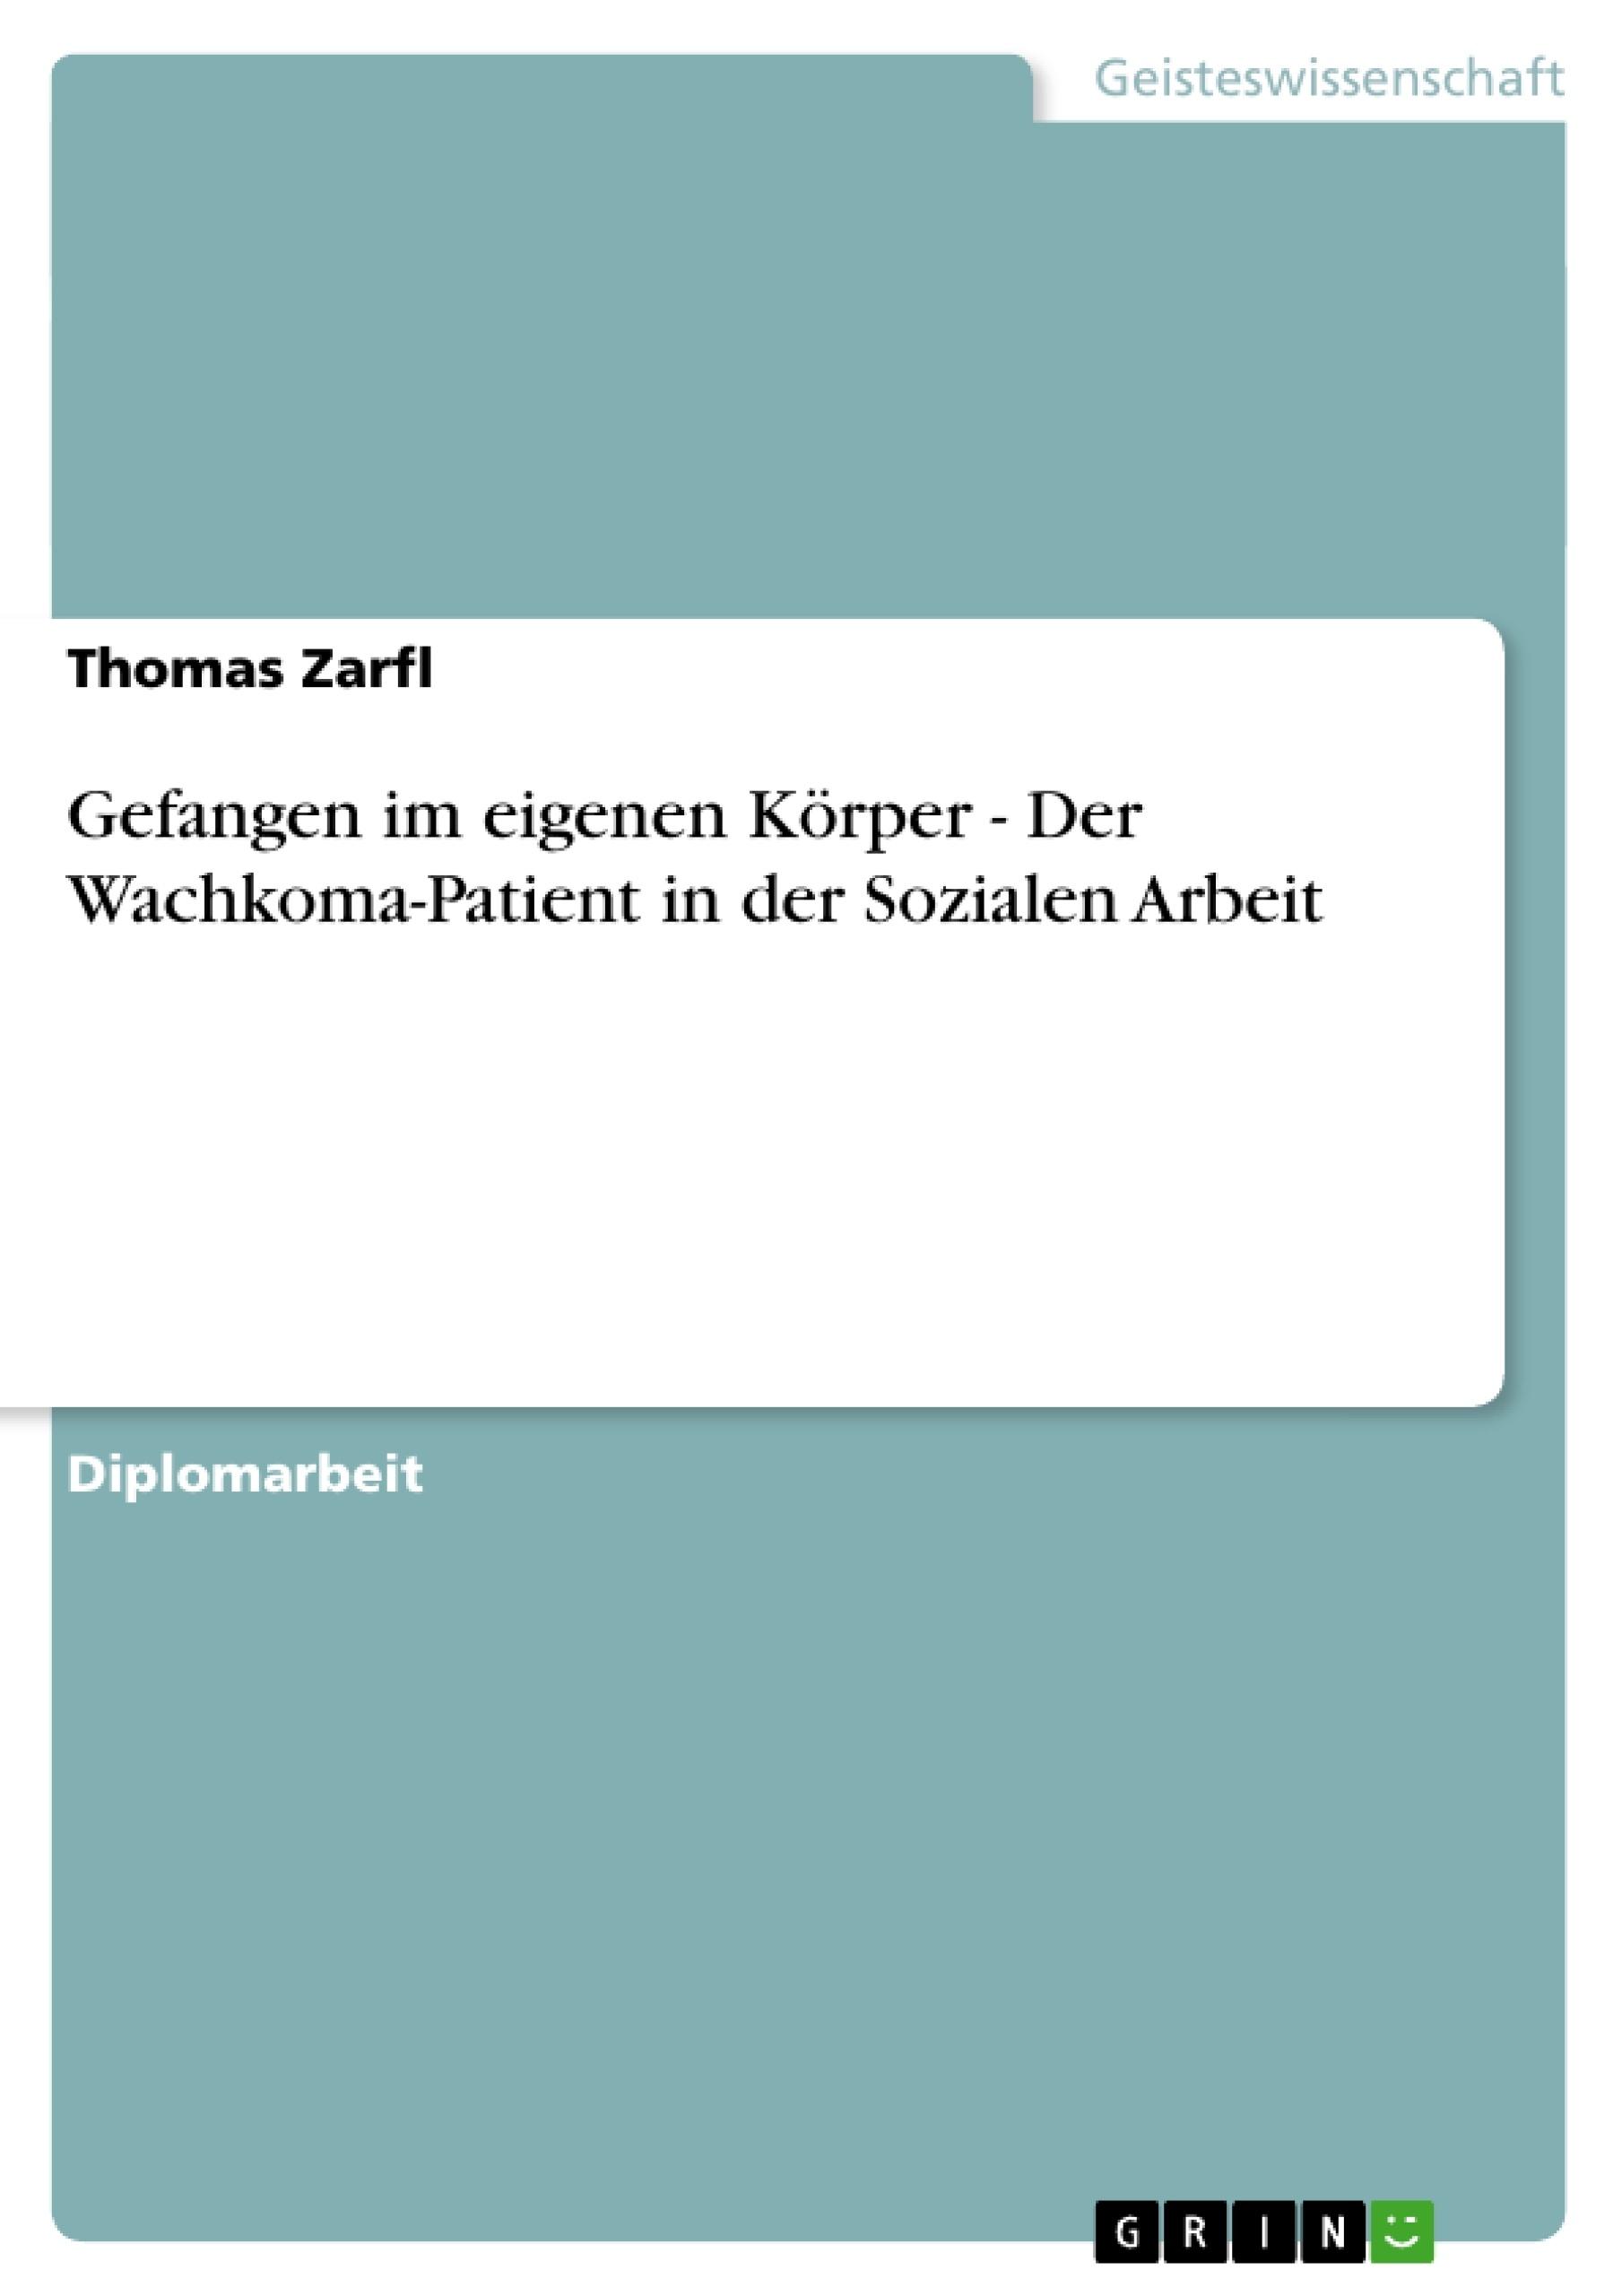 Titel: Gefangen im eigenen Körper - Der Wachkoma-Patient in der Sozialen Arbeit